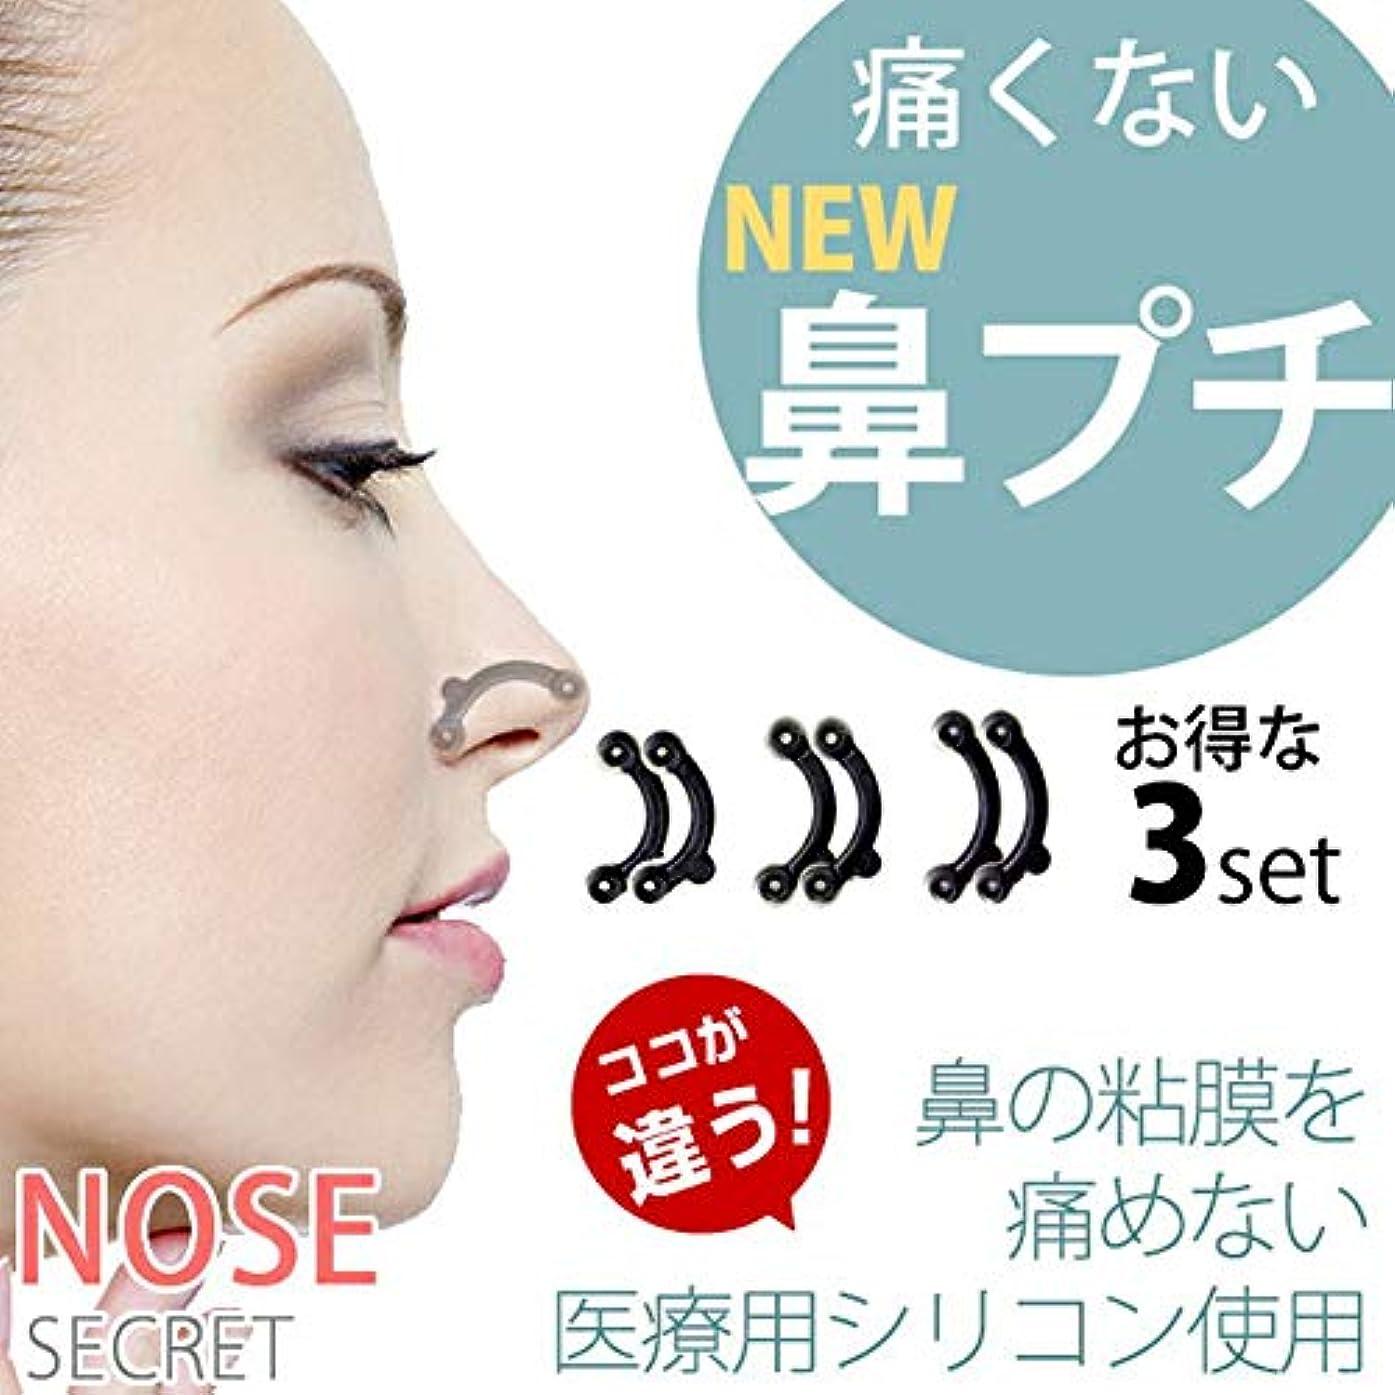 形成どこ十分な鼻プチ プチ整形 ハナのアイプチ Viconaノーズアップ 美鼻 鼻クリップ ノーズクリップ 鼻筋セレブ 鼻筋矯正 抗菌シリコンで 柔らか素材で痛くない 肌にやさしい 鼻プチS.M.L三つサイズセット